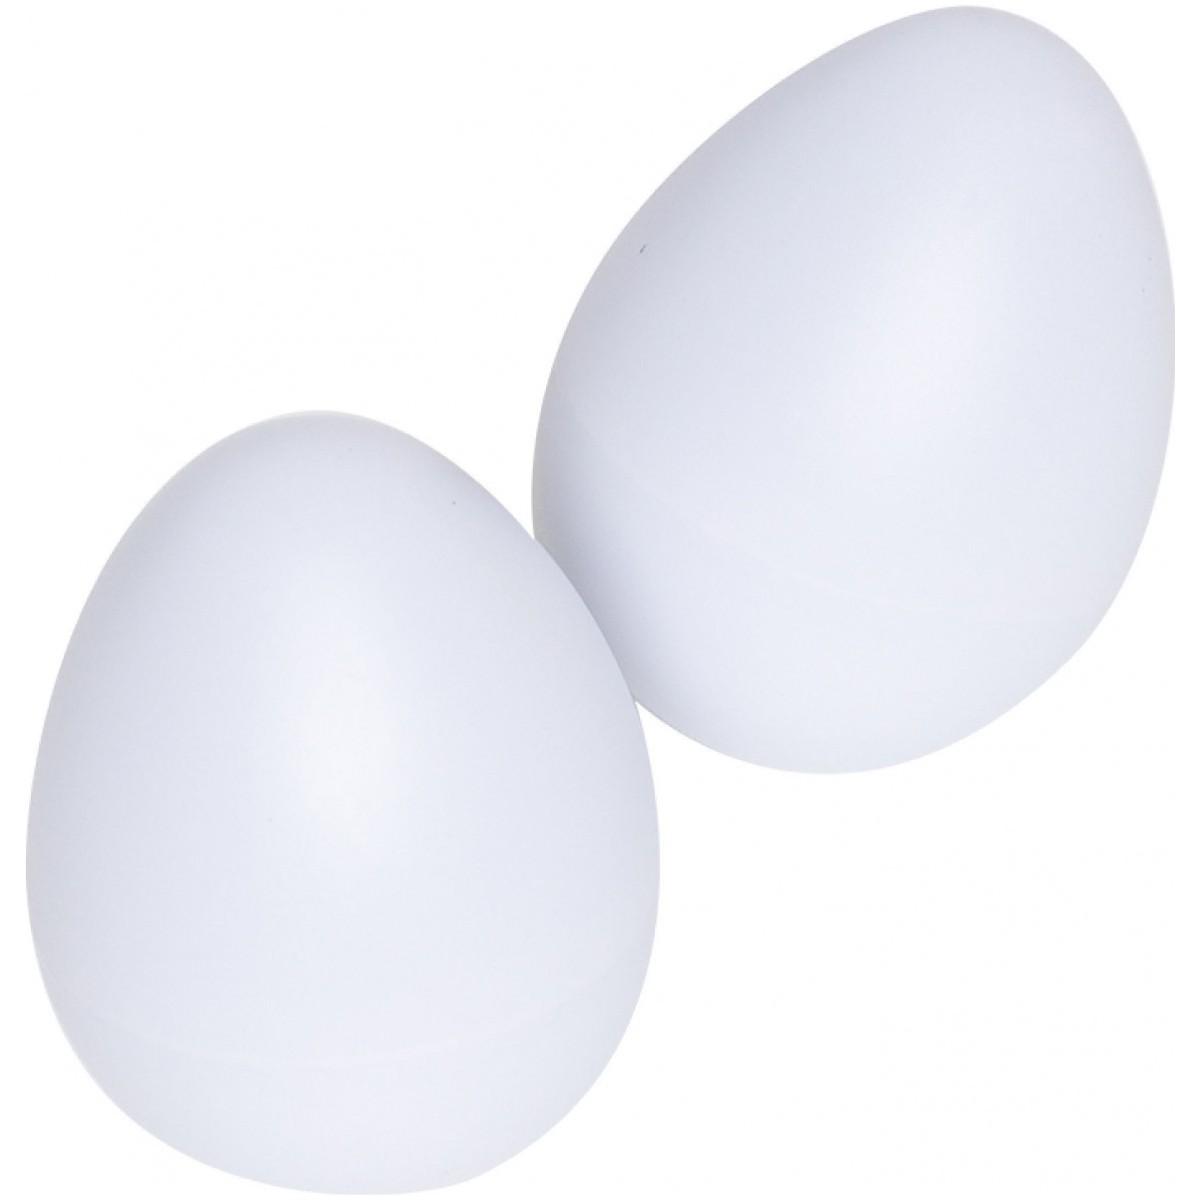 Stagg EGG-2 WH, pár vajíček, bílé